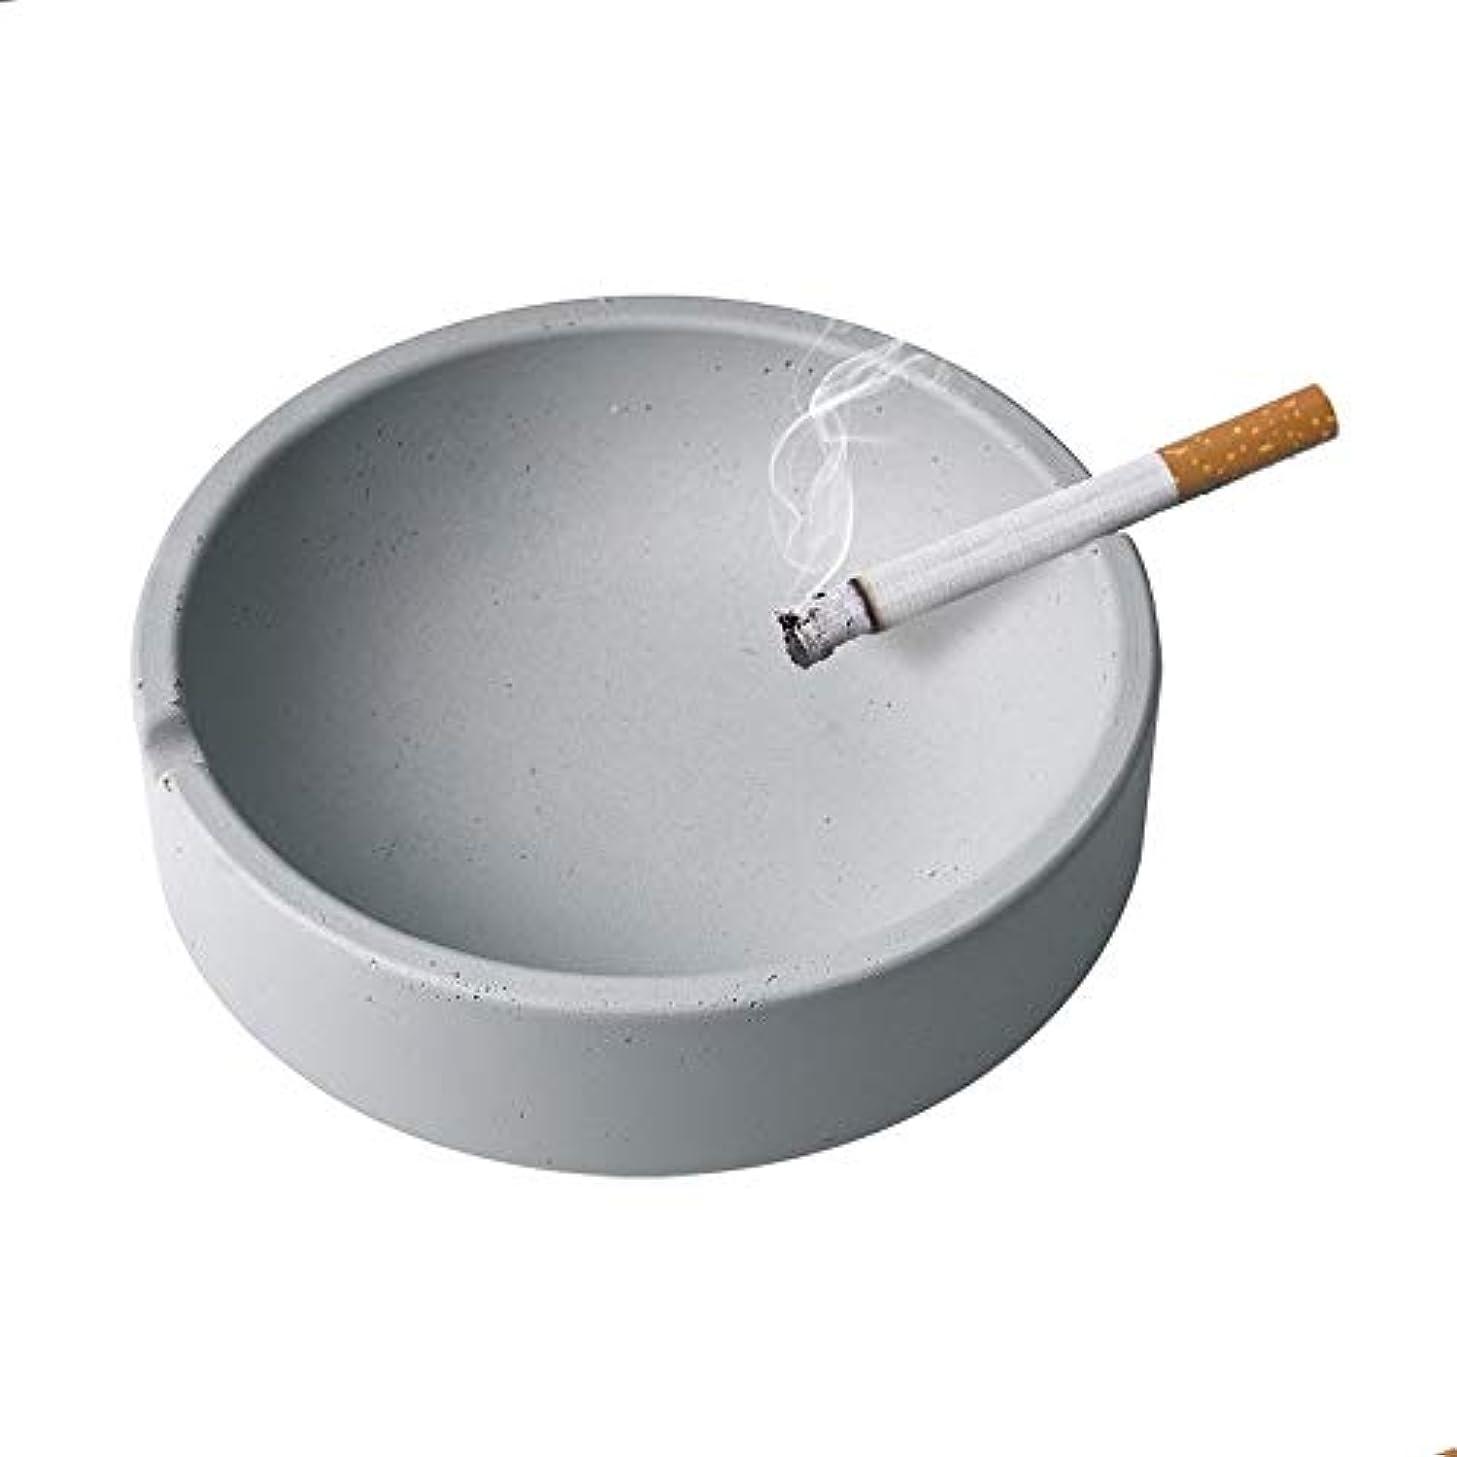 問題解明良心的屋内または屋外での使用のためのタバコの灰皿、喫煙者のための灰ホルダー、ホームオフィスの装飾のためのデスクトップの喫煙灰皿